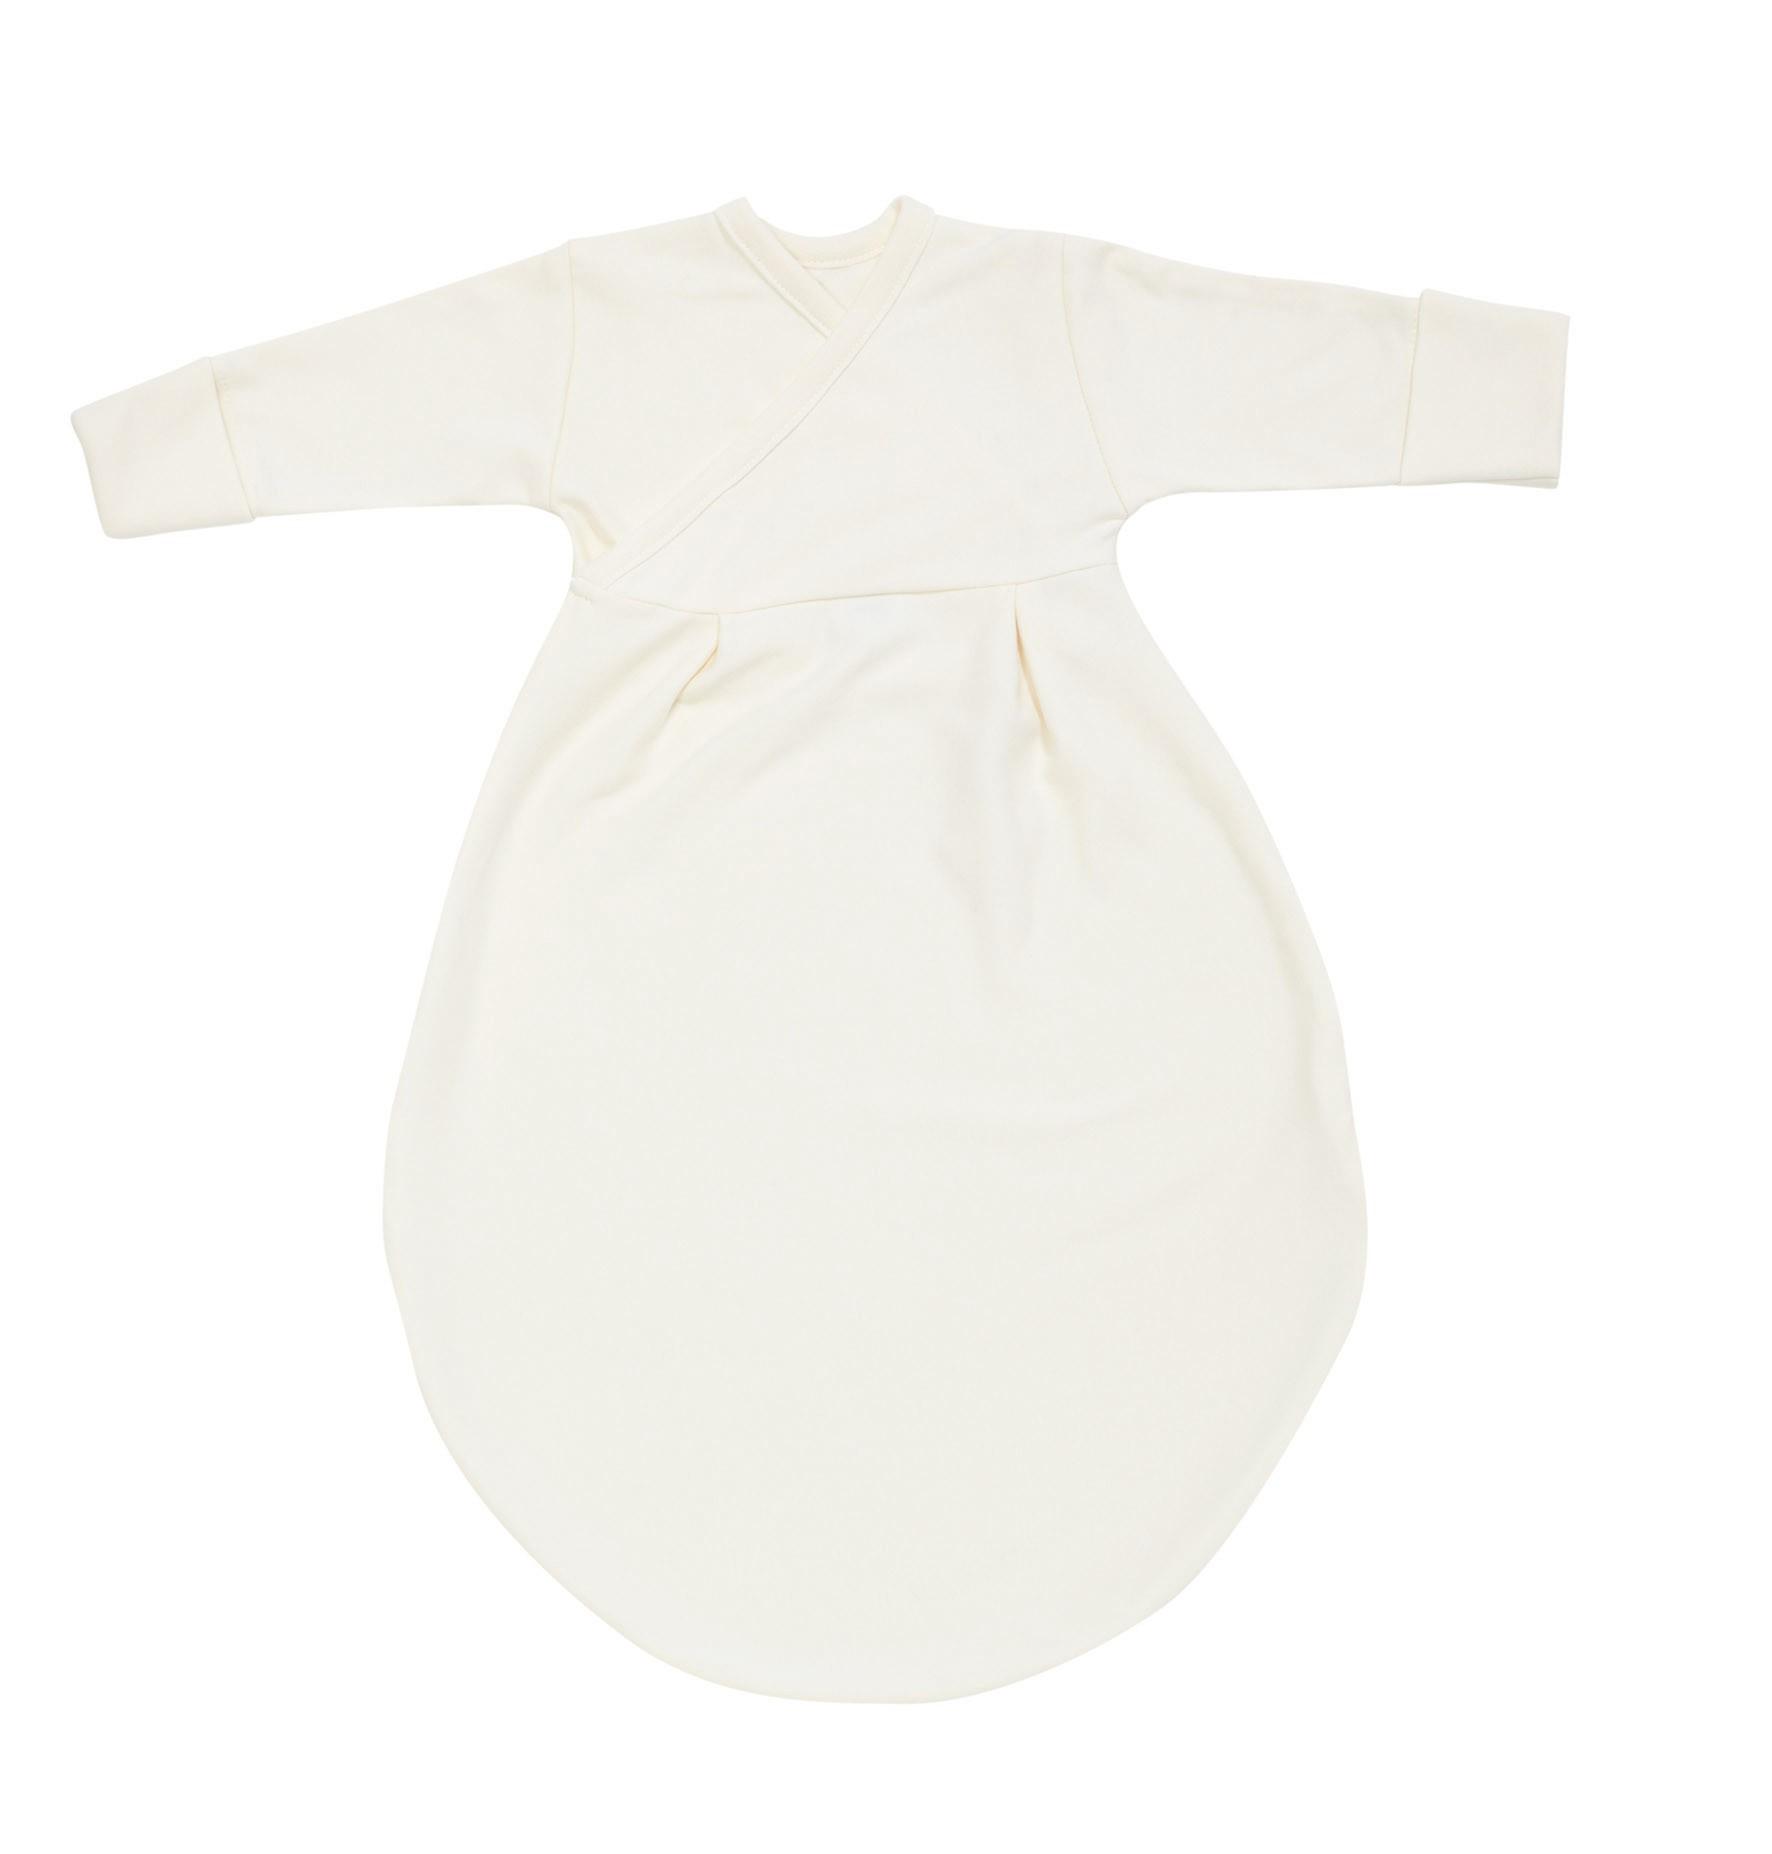 Alvi Baby Mäxchen Schlafsack Innensack Größe 50 allergikaweiss